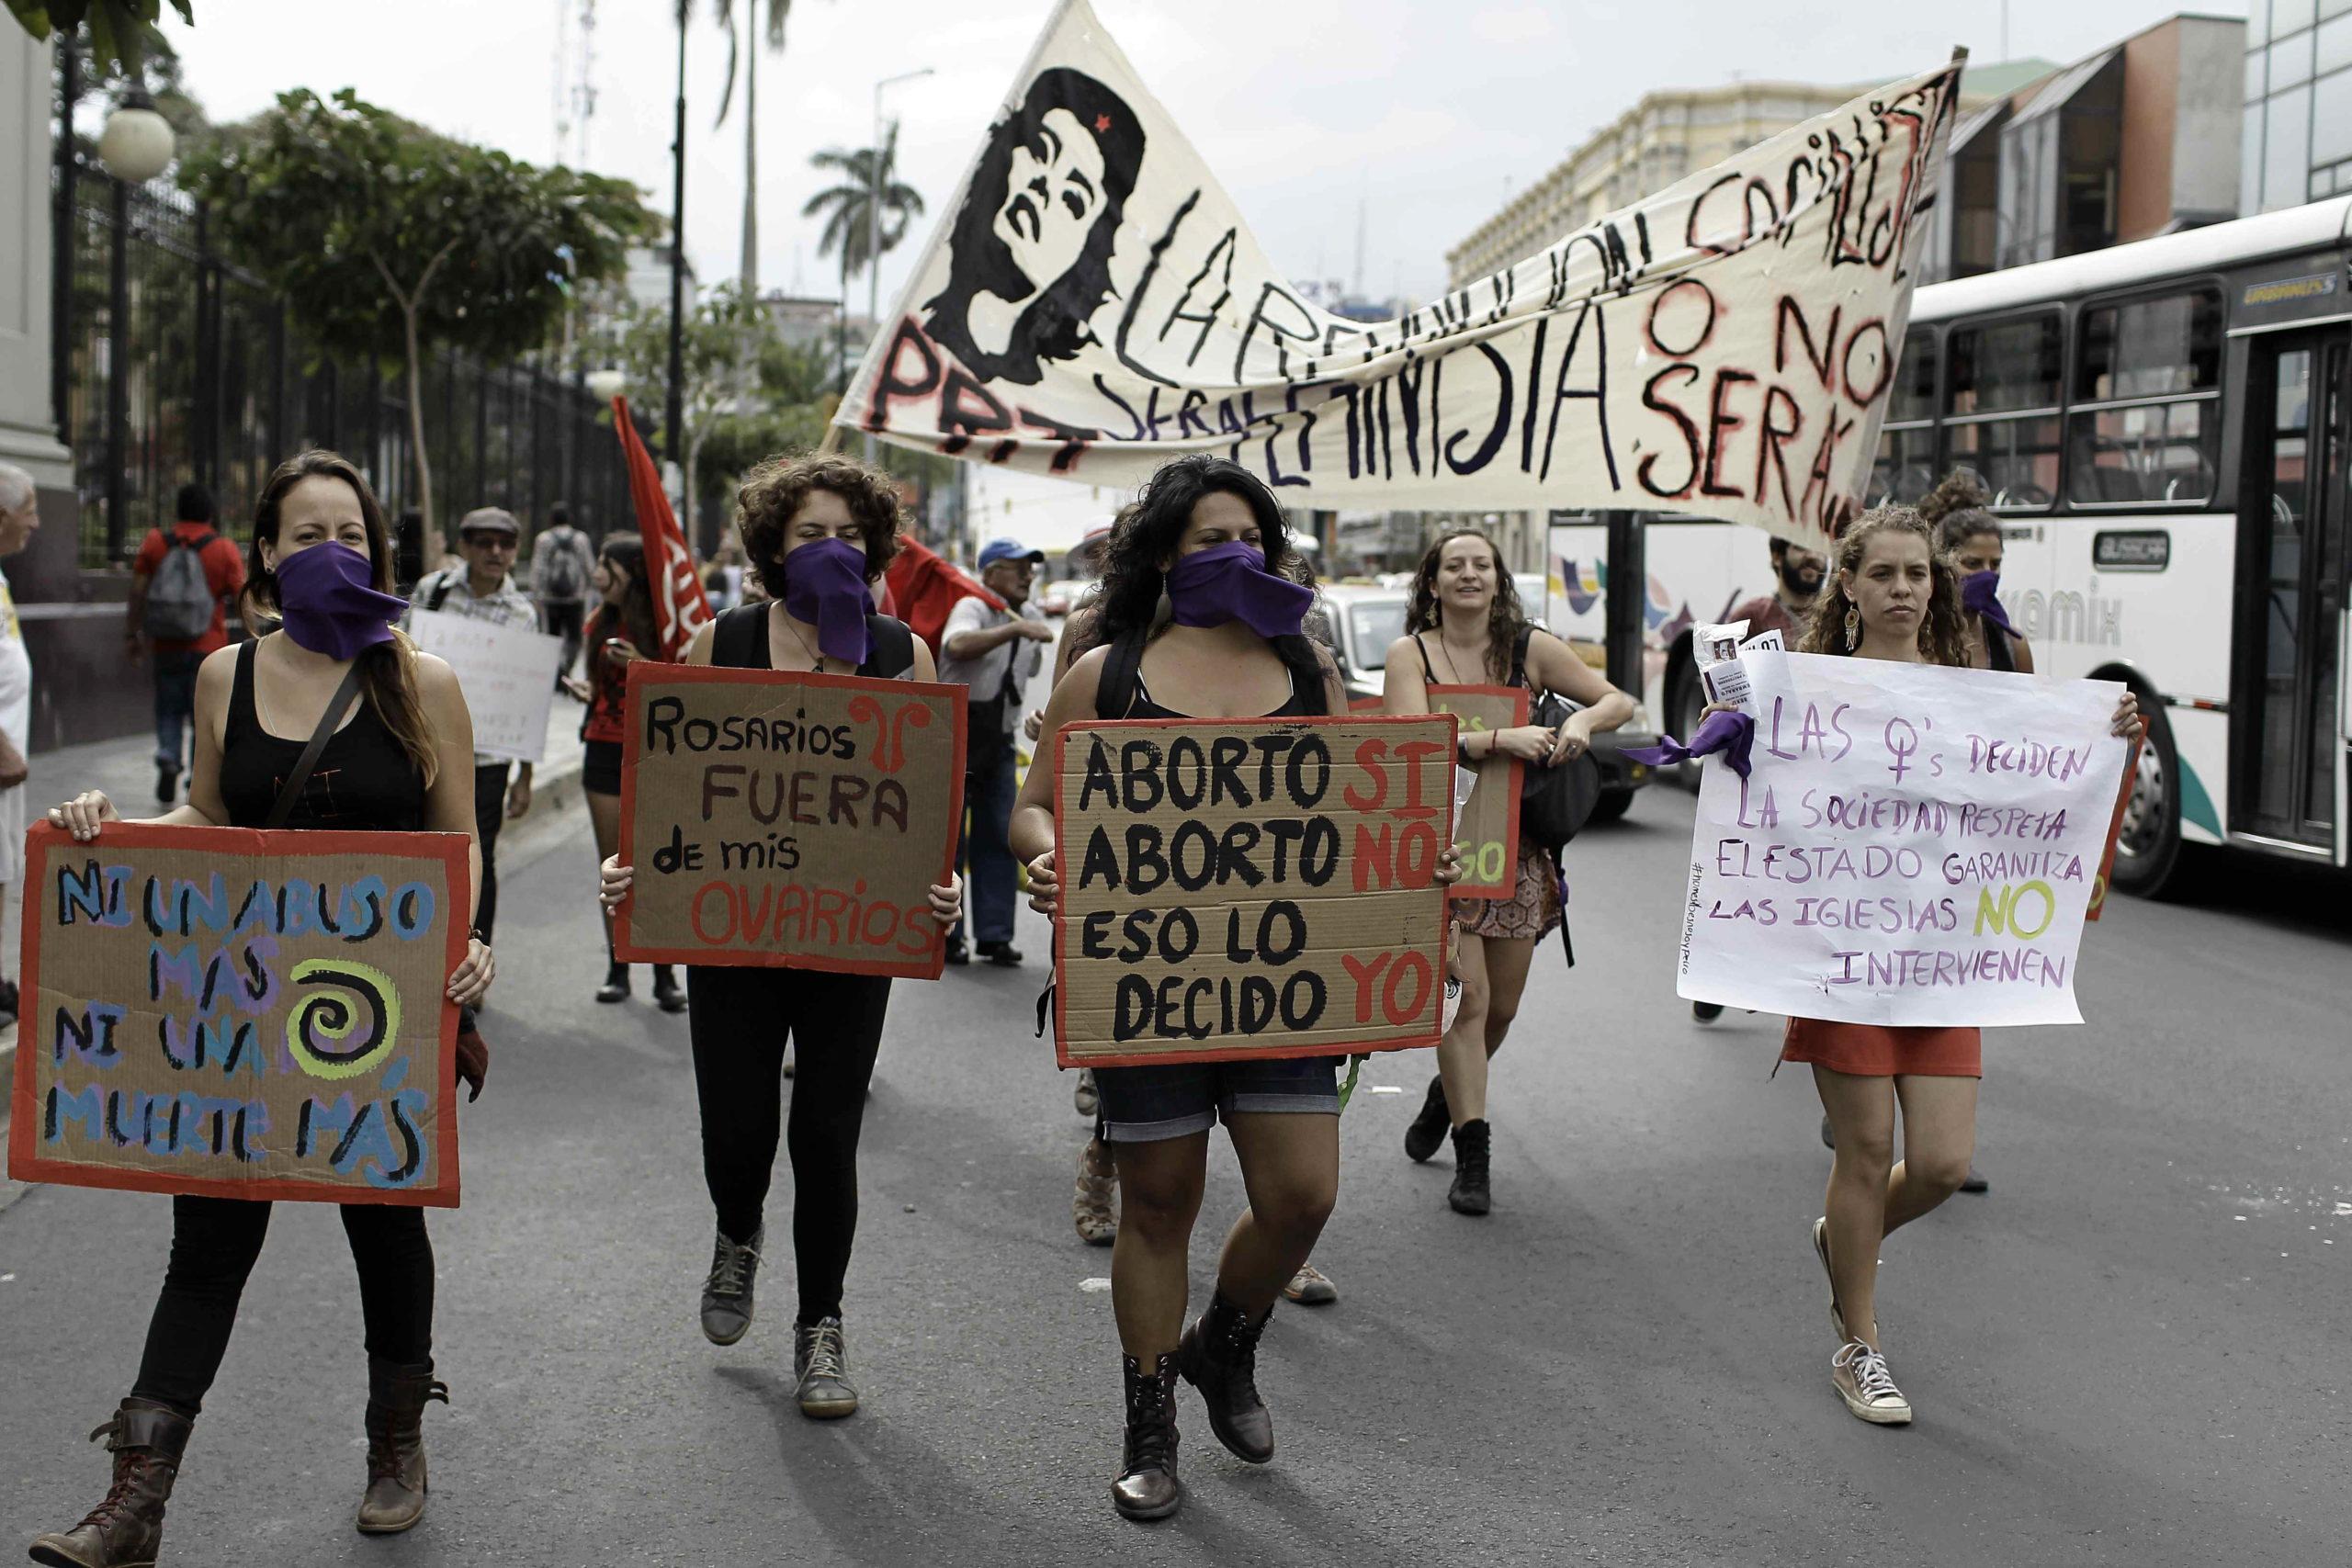 Costa Rica: La 'norma técnica' y el aborto, un servicio de salud altamente estigmatizado